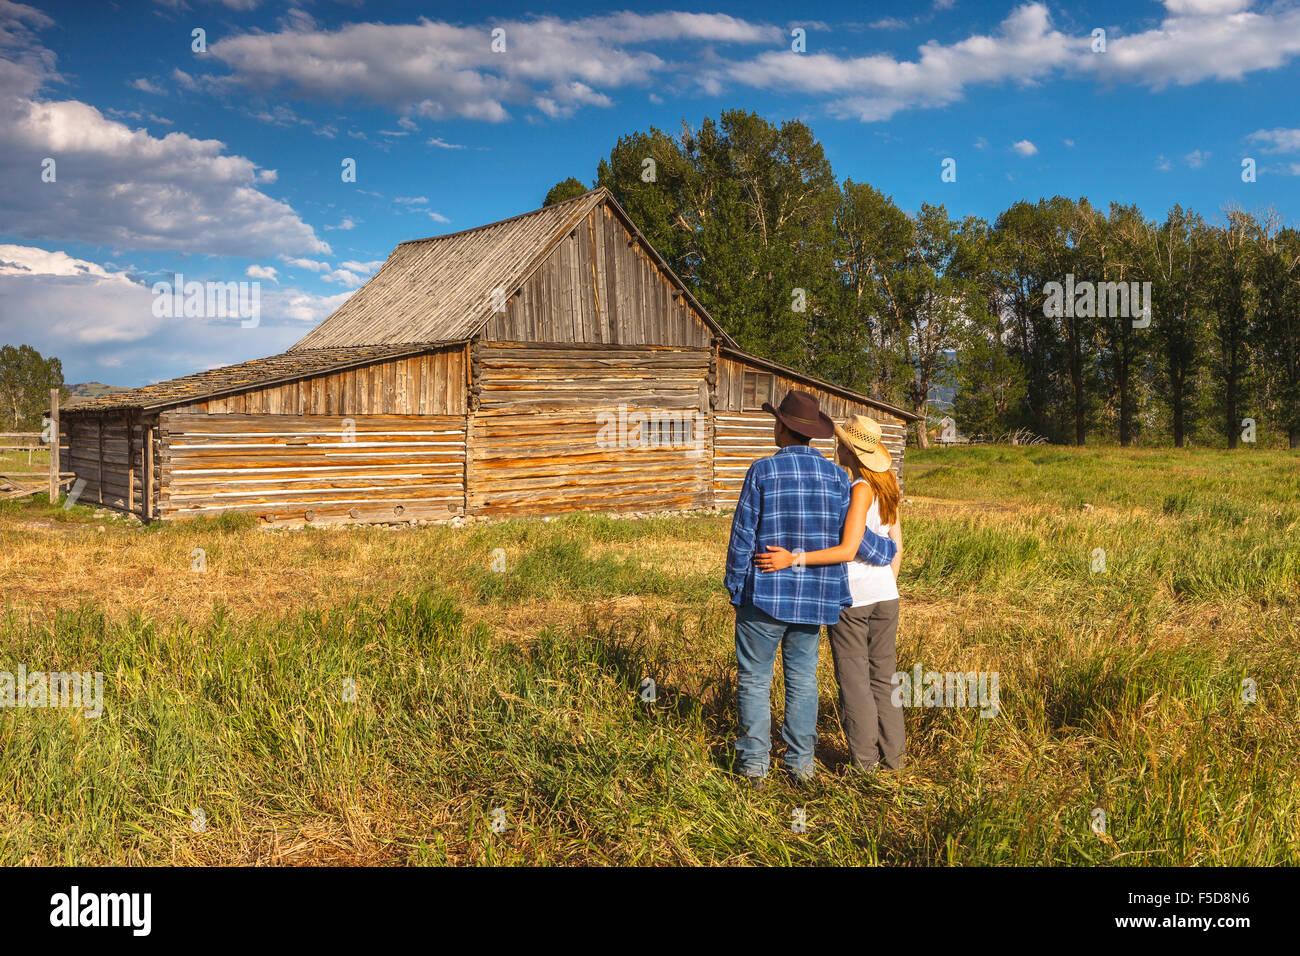 Ein junges Paar von Thomas Alma Moulton Barn, Antelope Flats, Grand-Teton-Nationalpark, Wyoming, USA. Stockfoto